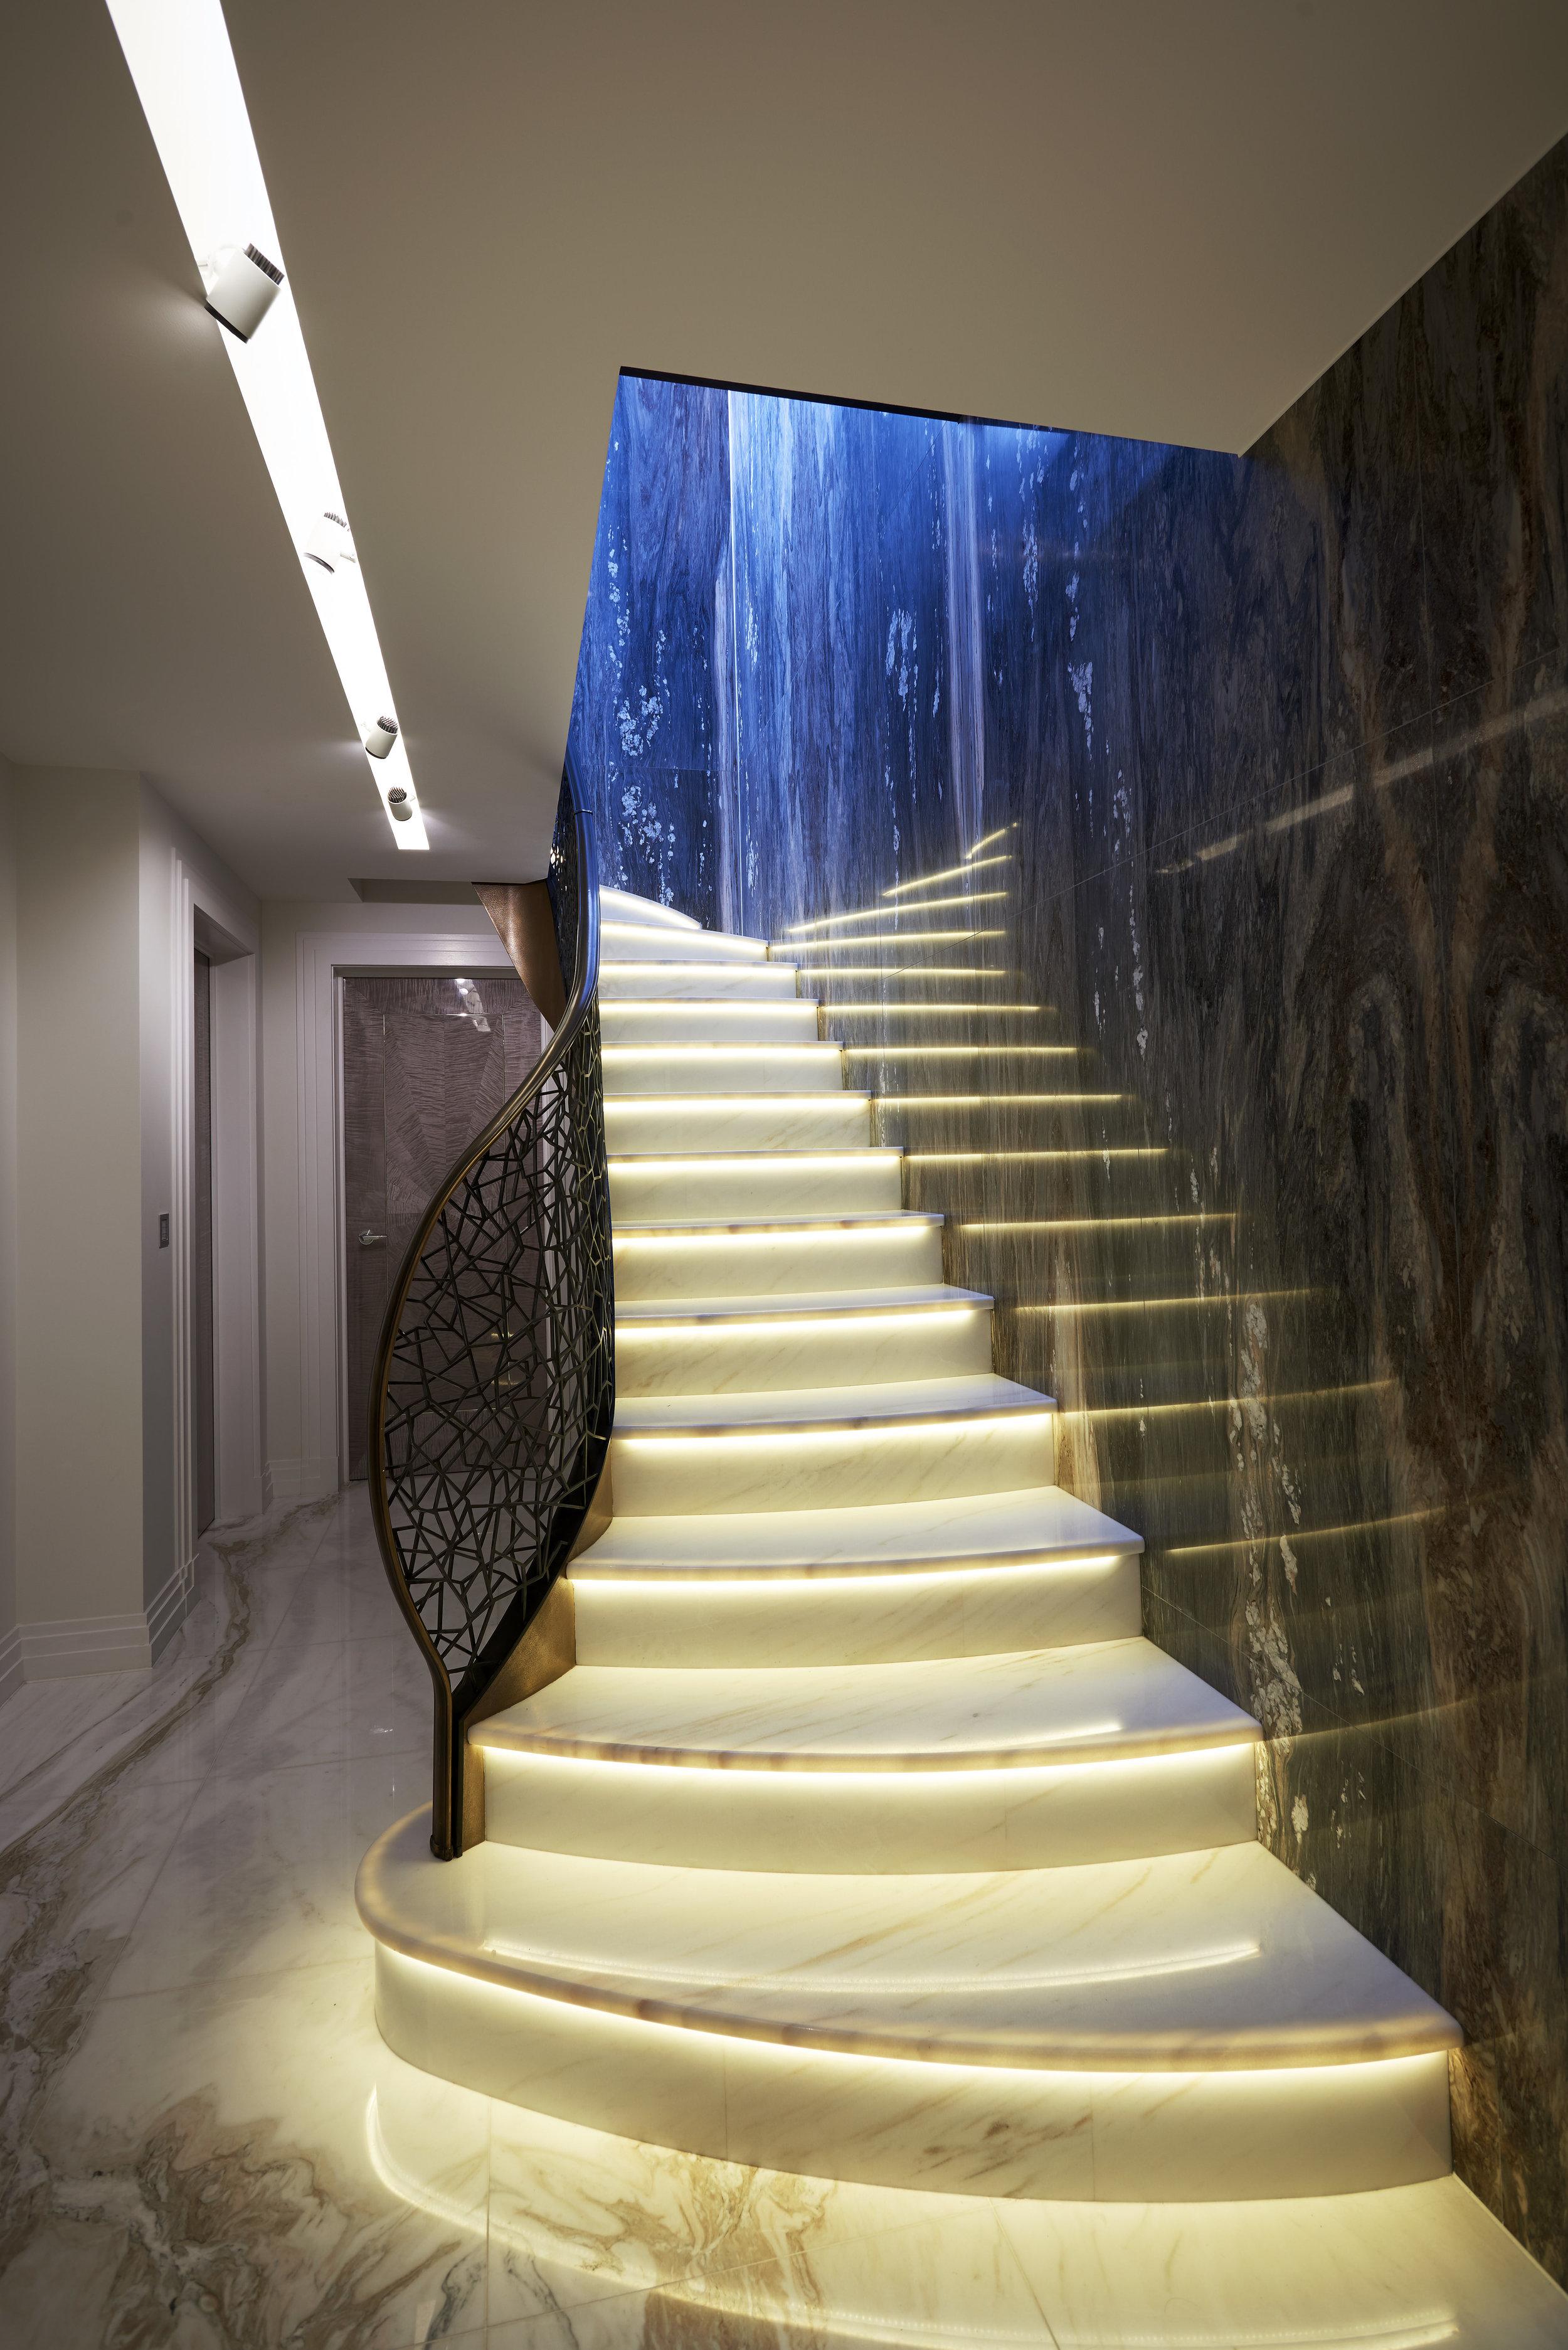 Stairs_336_RT.jpg